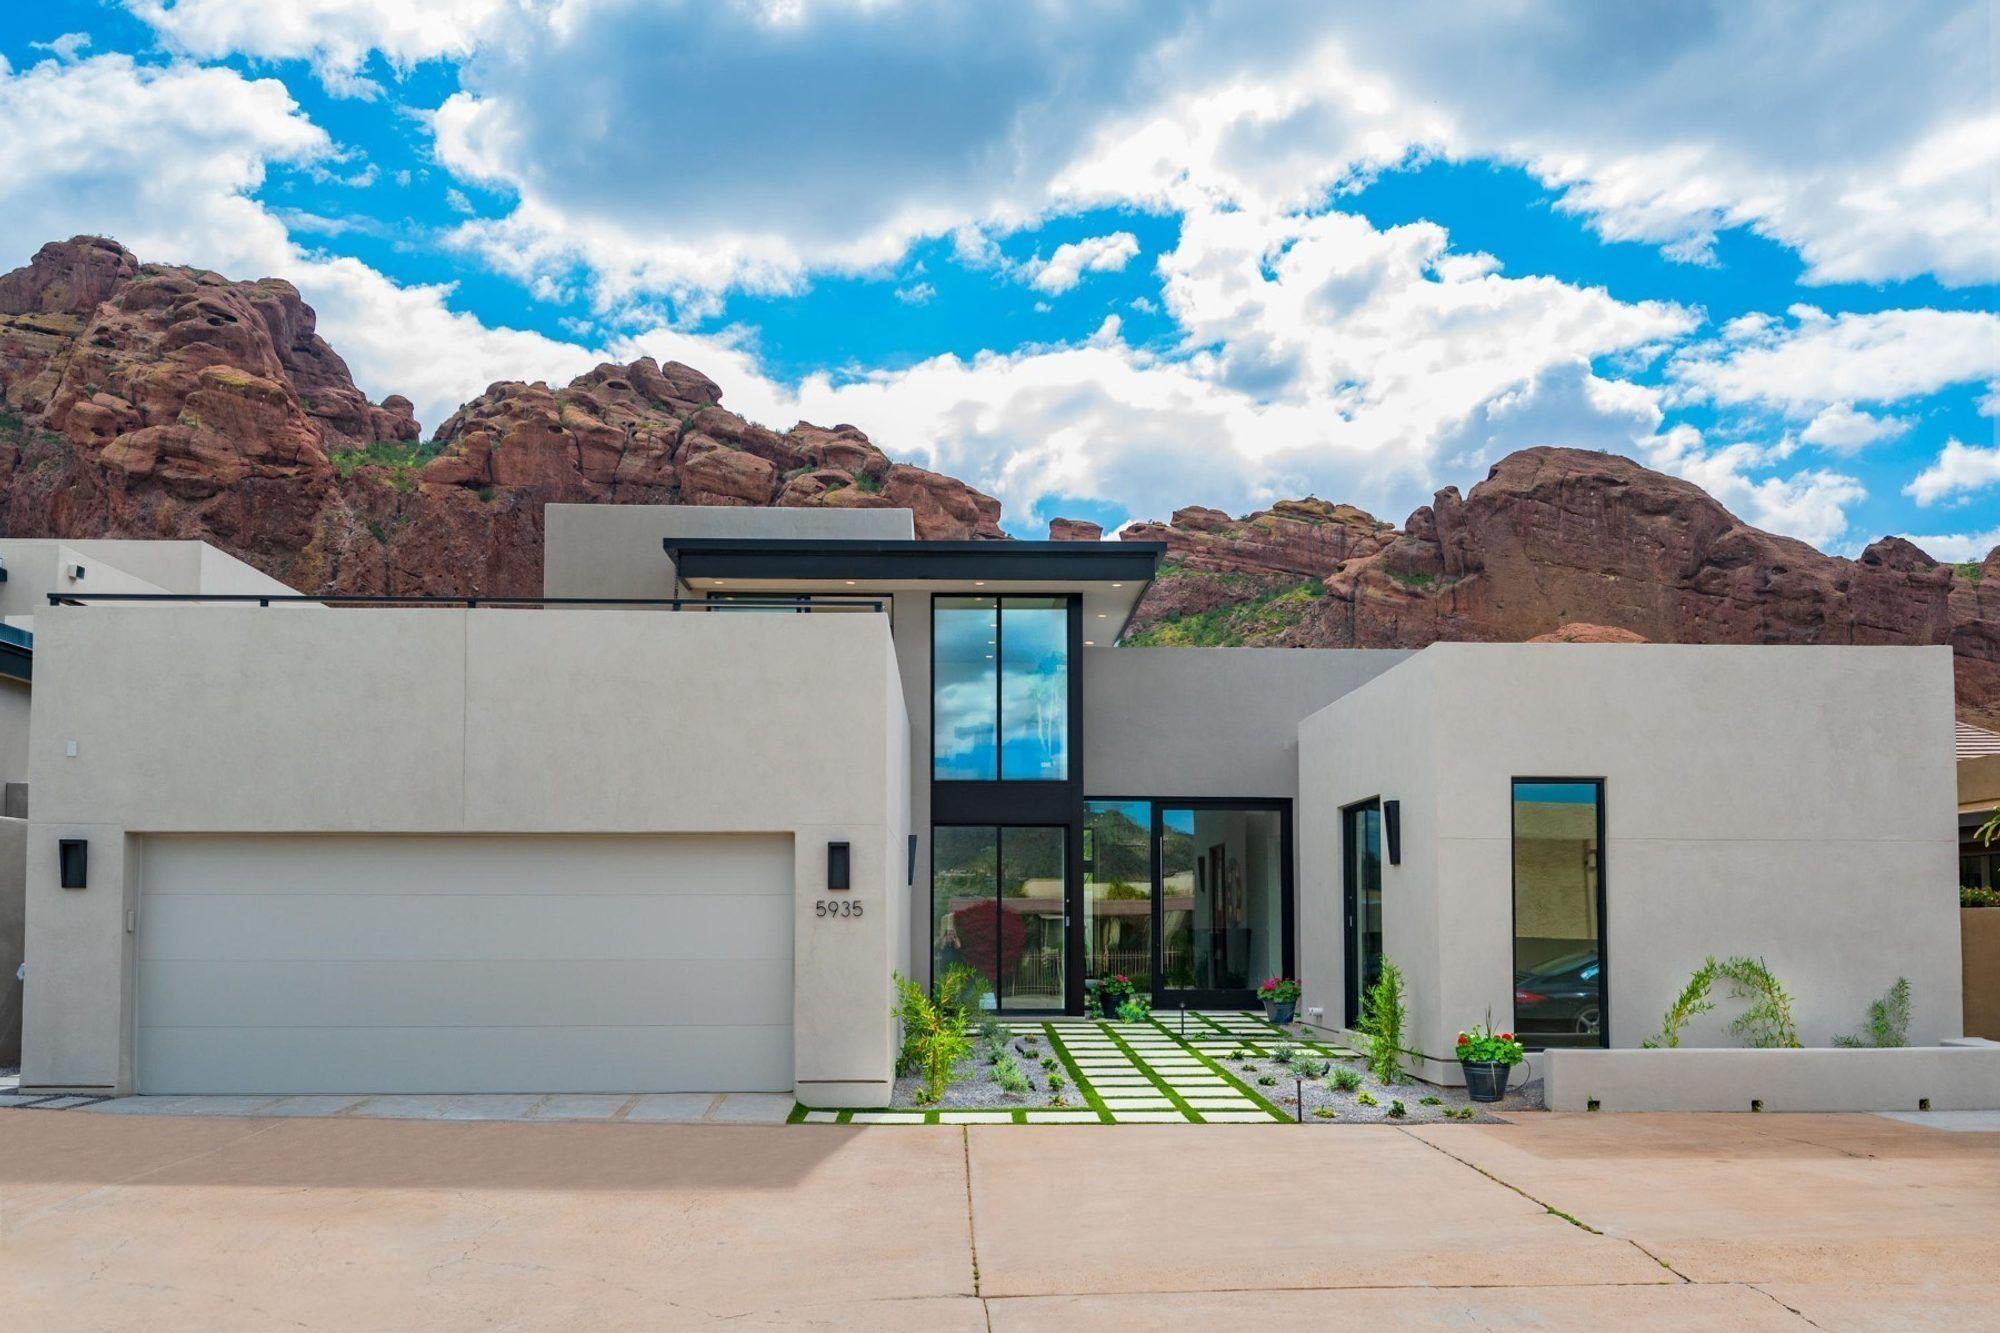 Modern smooth fiberglass garage doors on an Ultra Modern home.